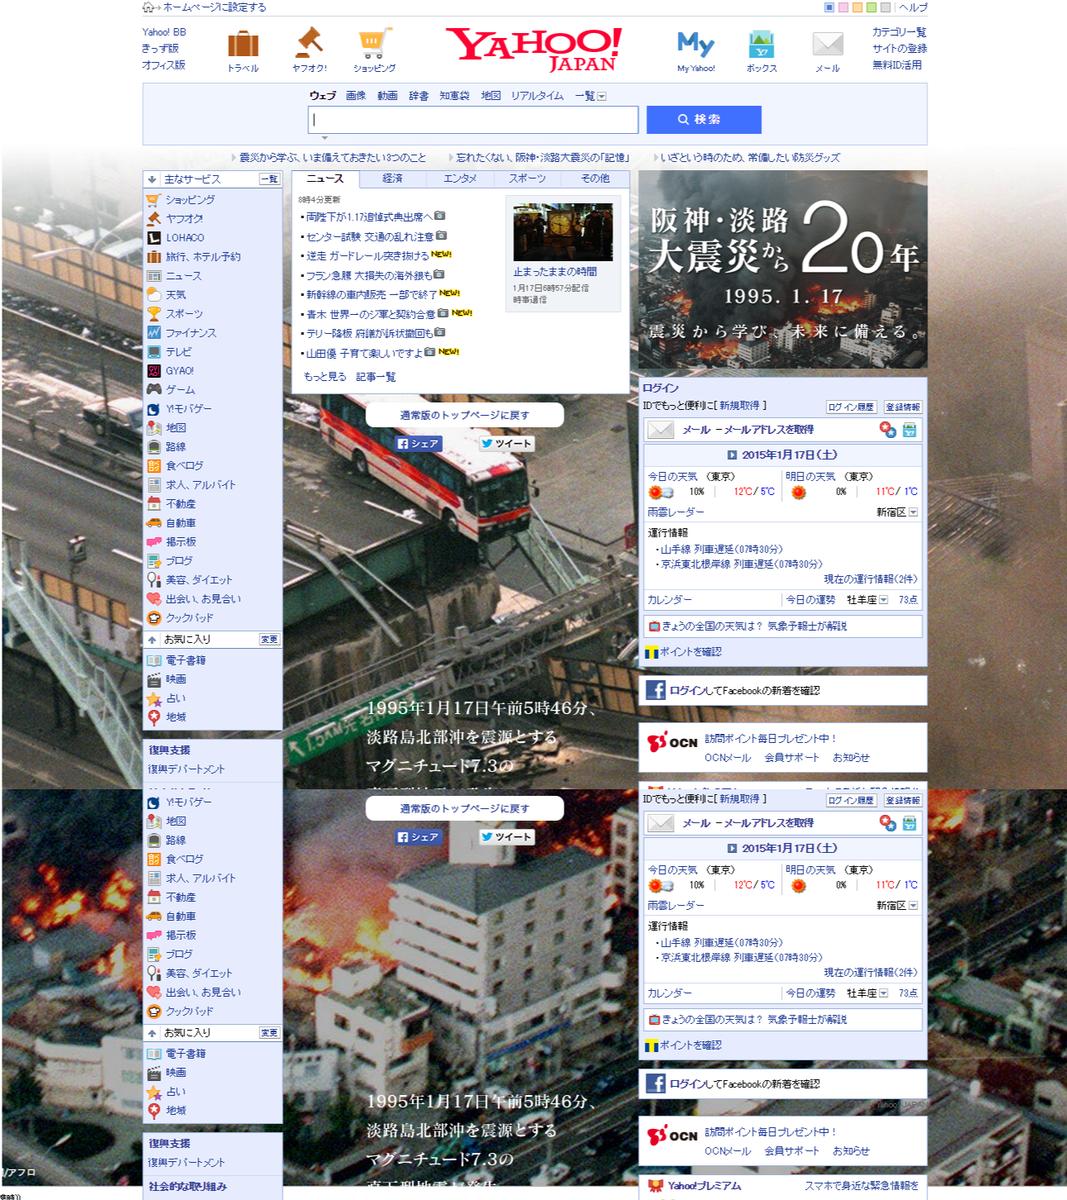 Yahooさんのトップにビックリした #阪神淡路大震災 #阪神淡路大震災20年 http://t.co/dNN8W2QYHU